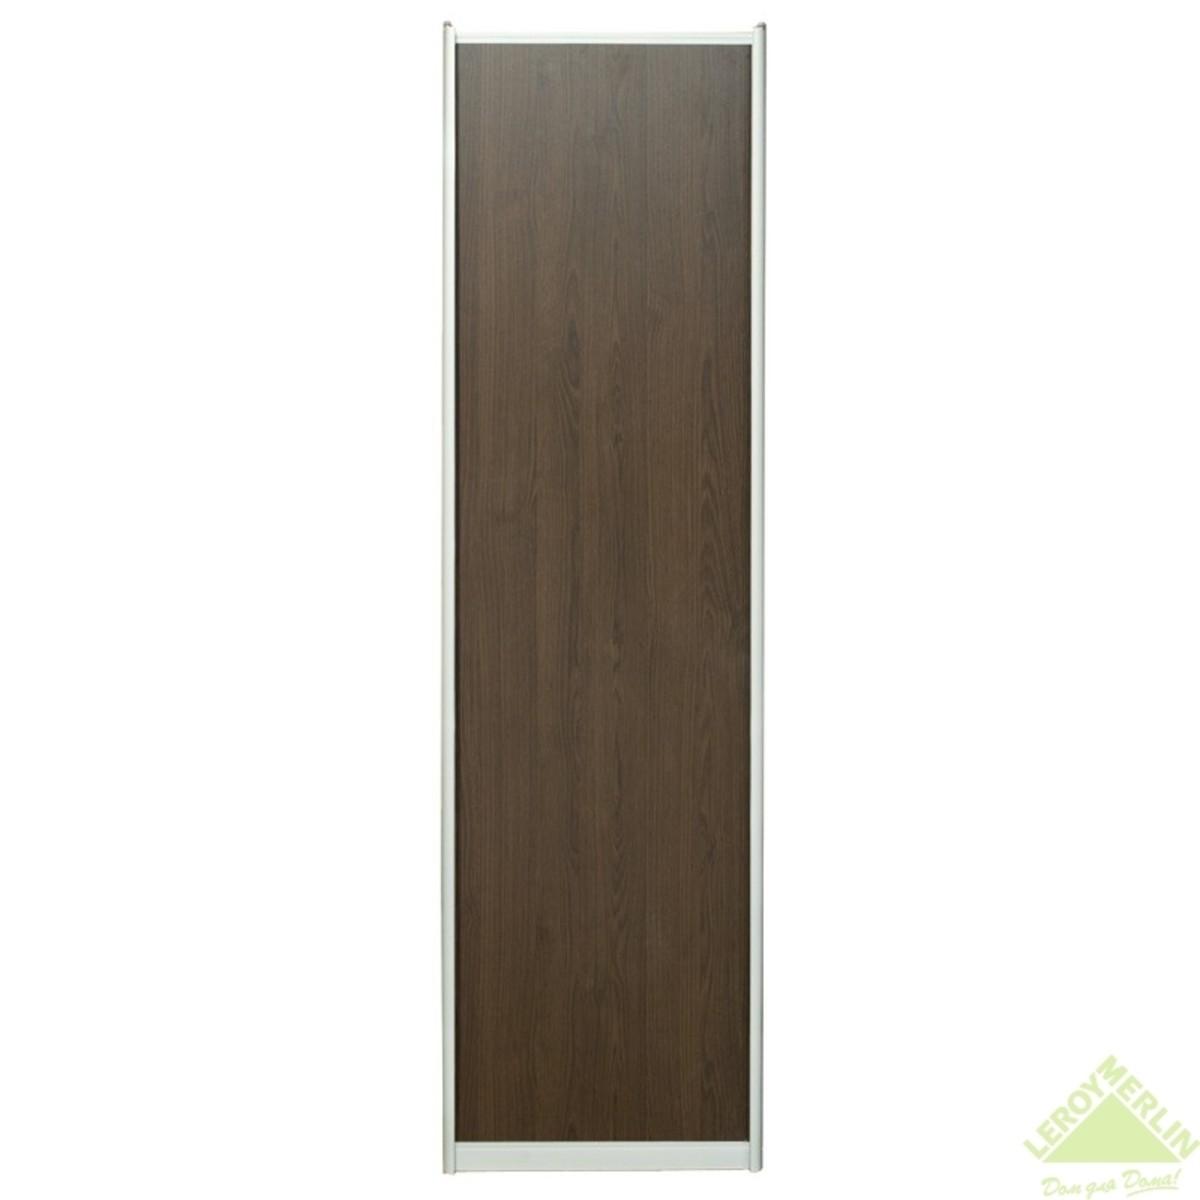 Дверь-купе 2251х804 мм цвет венге/серебро